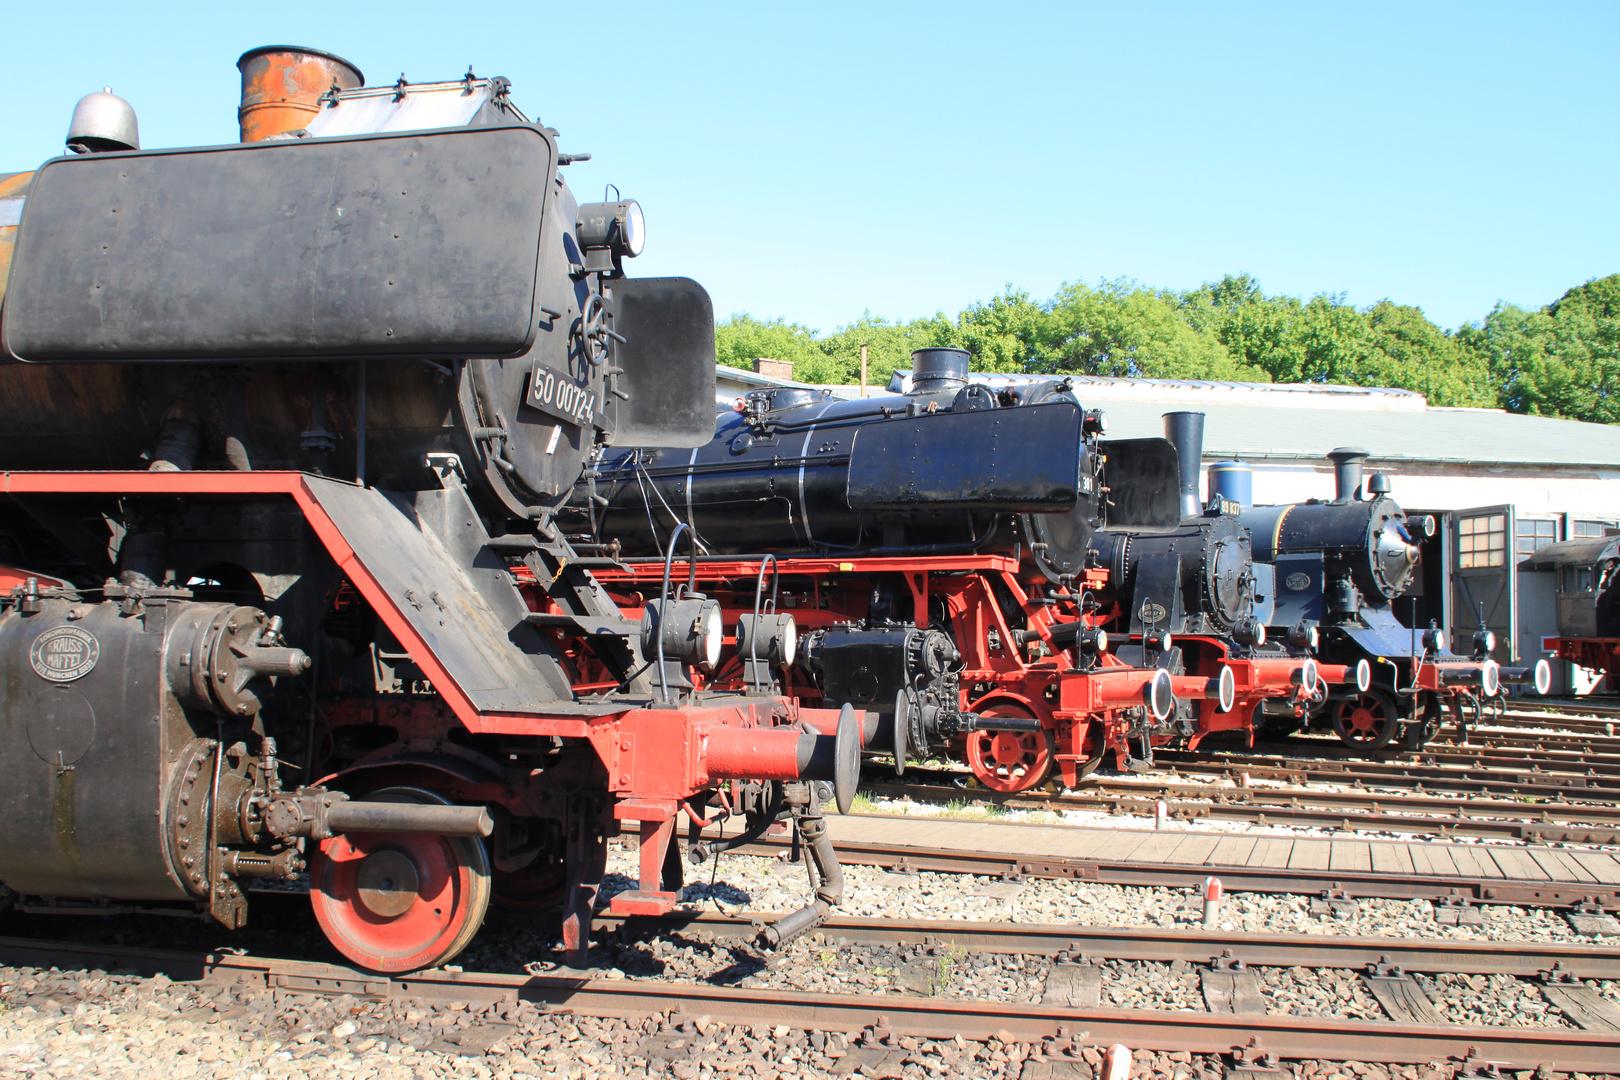 Bayerischen Eisenbahnmuseum Nördlingen